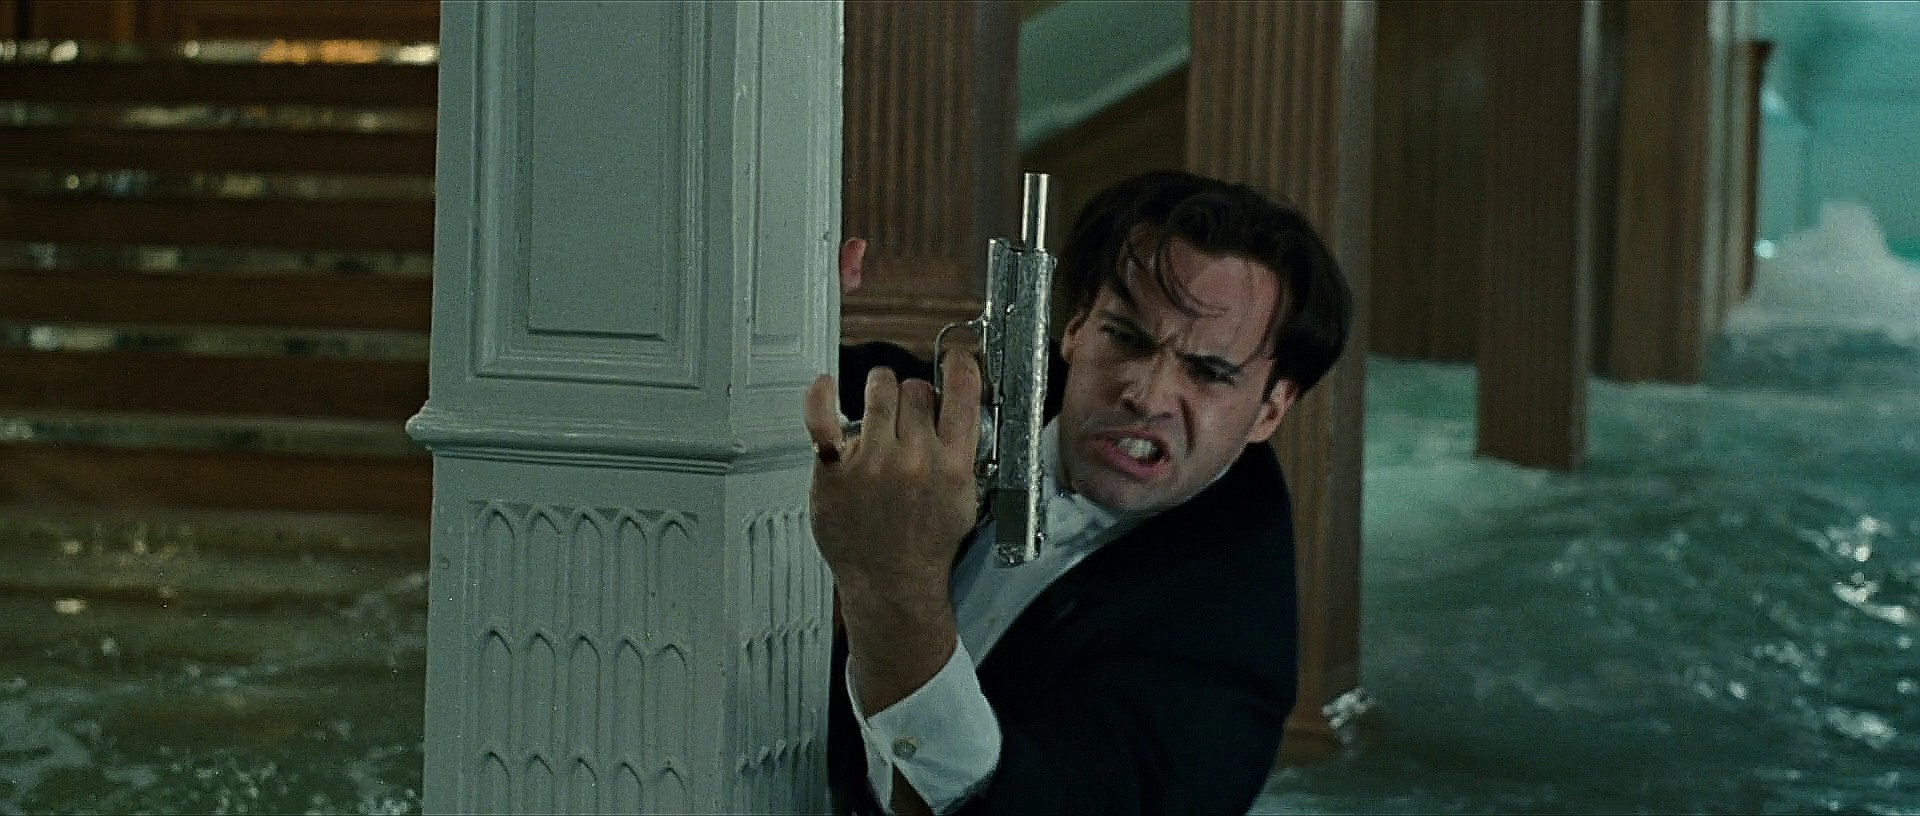 billy zane titanic gun -#main